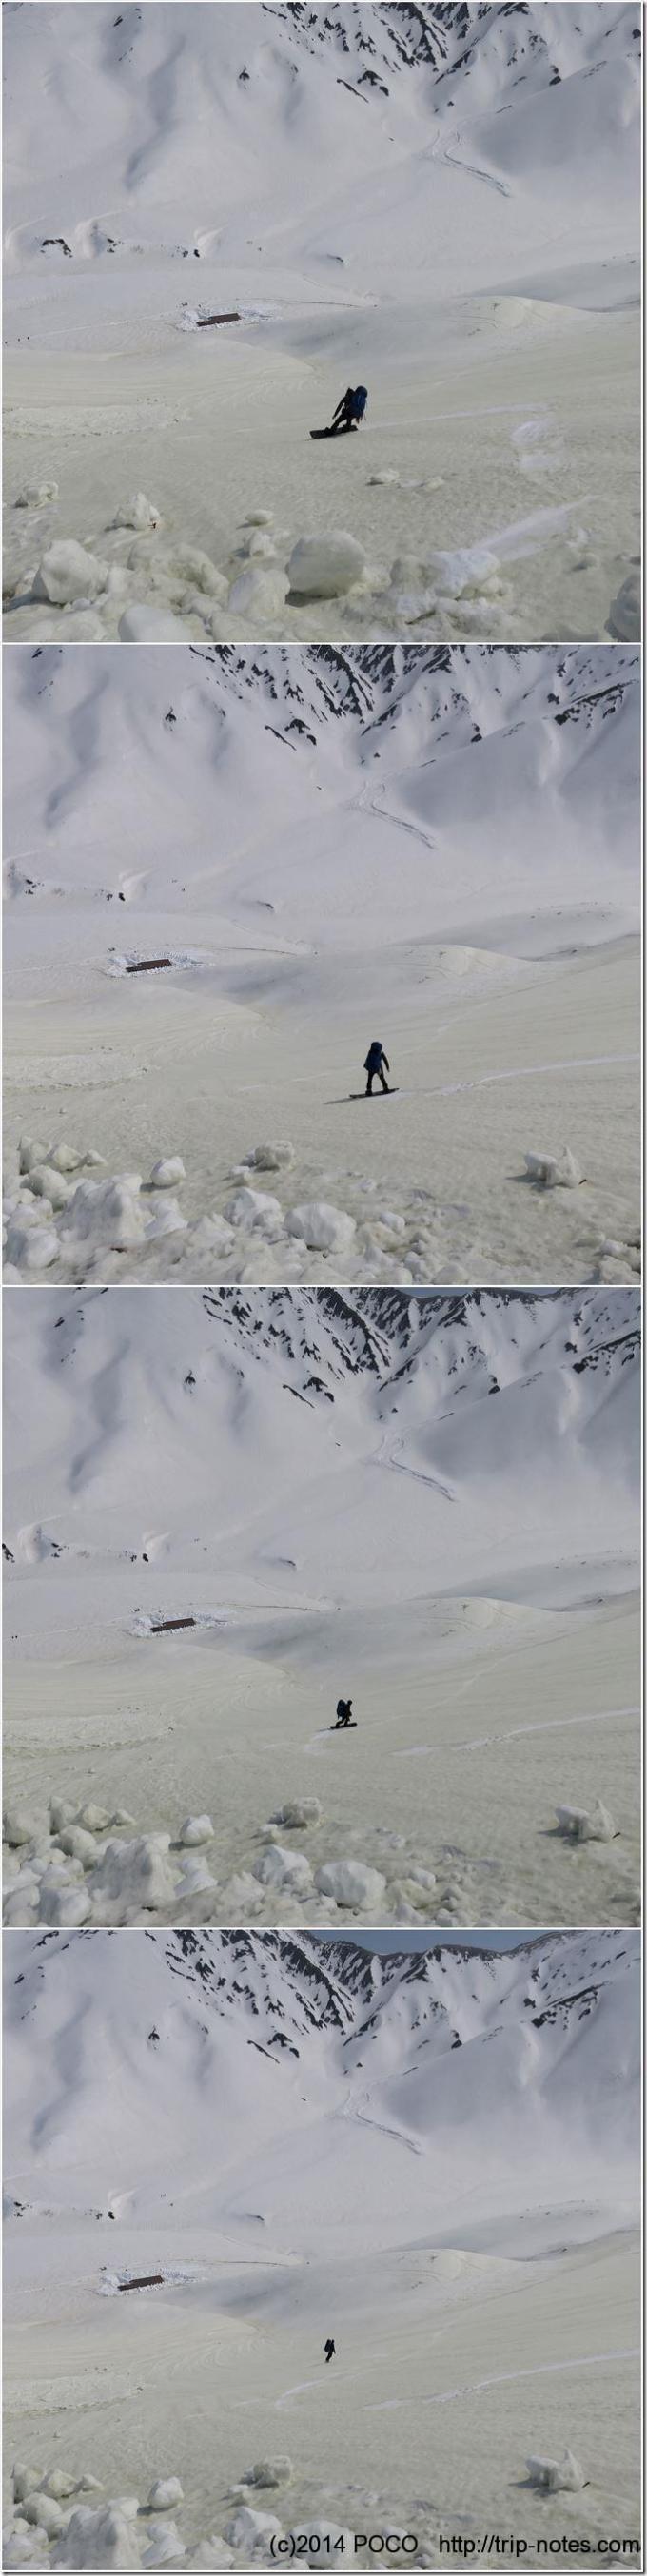 立山スノボー下山